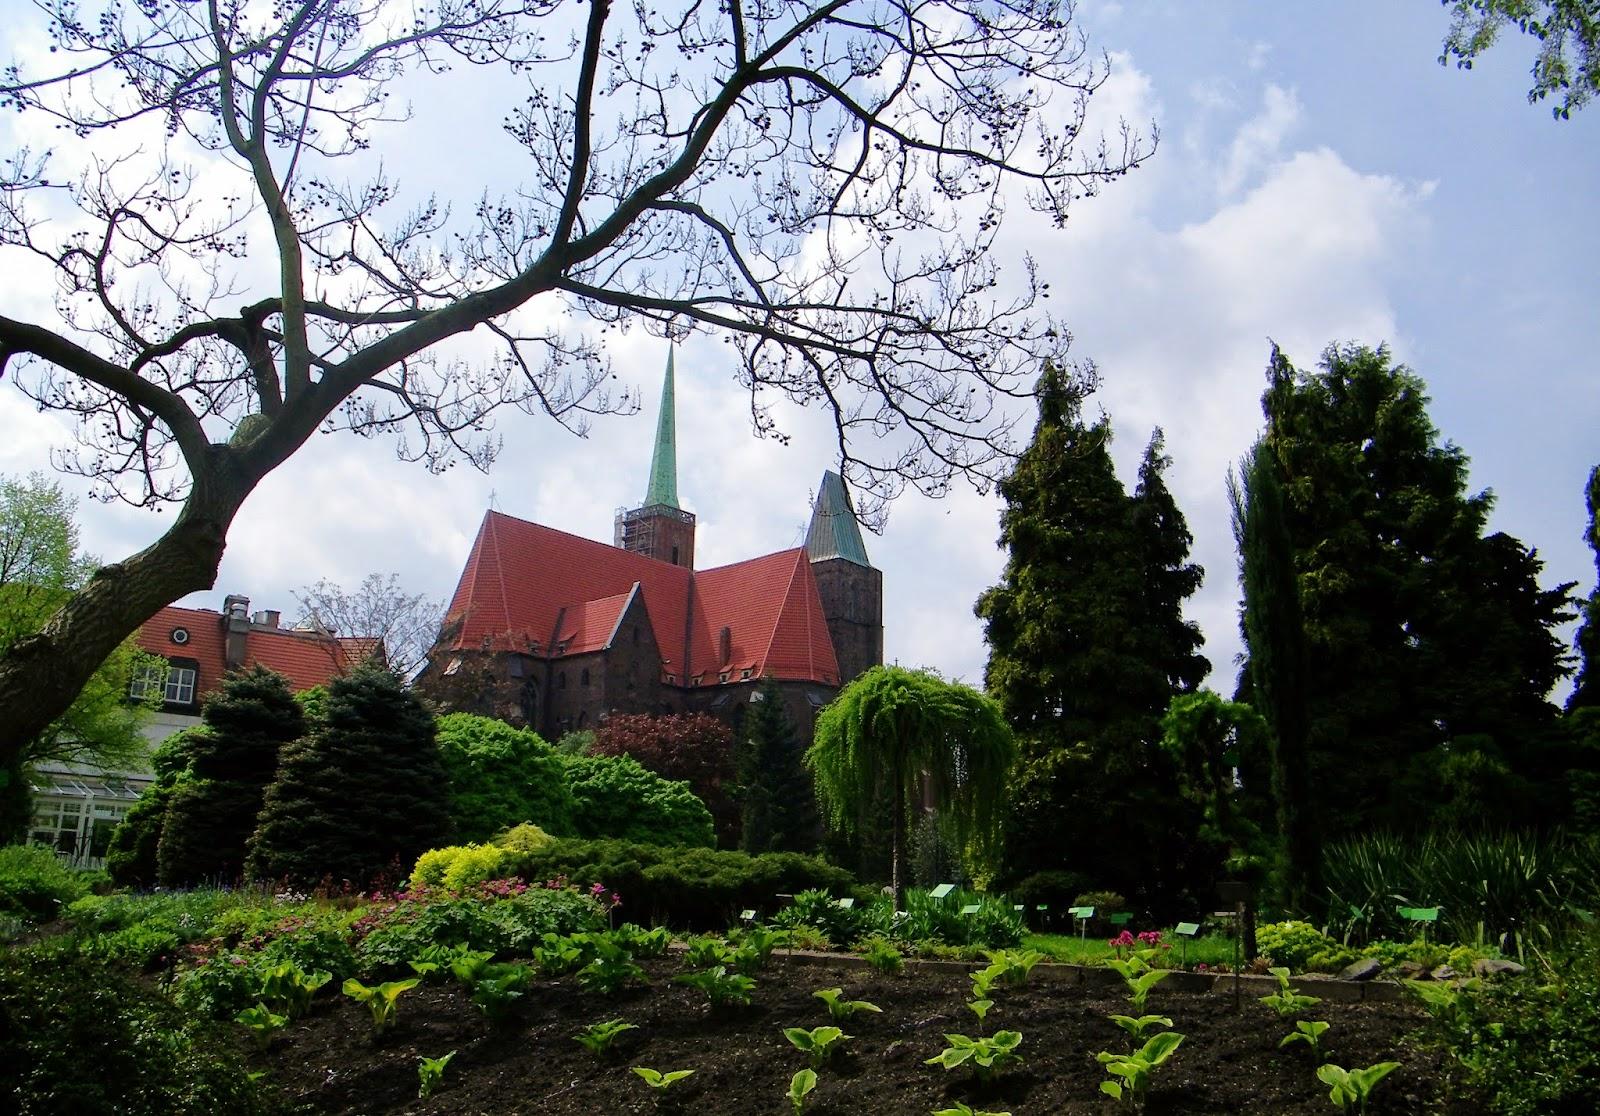 kościół św. Krzyża Wrocław Ogród botaniczny